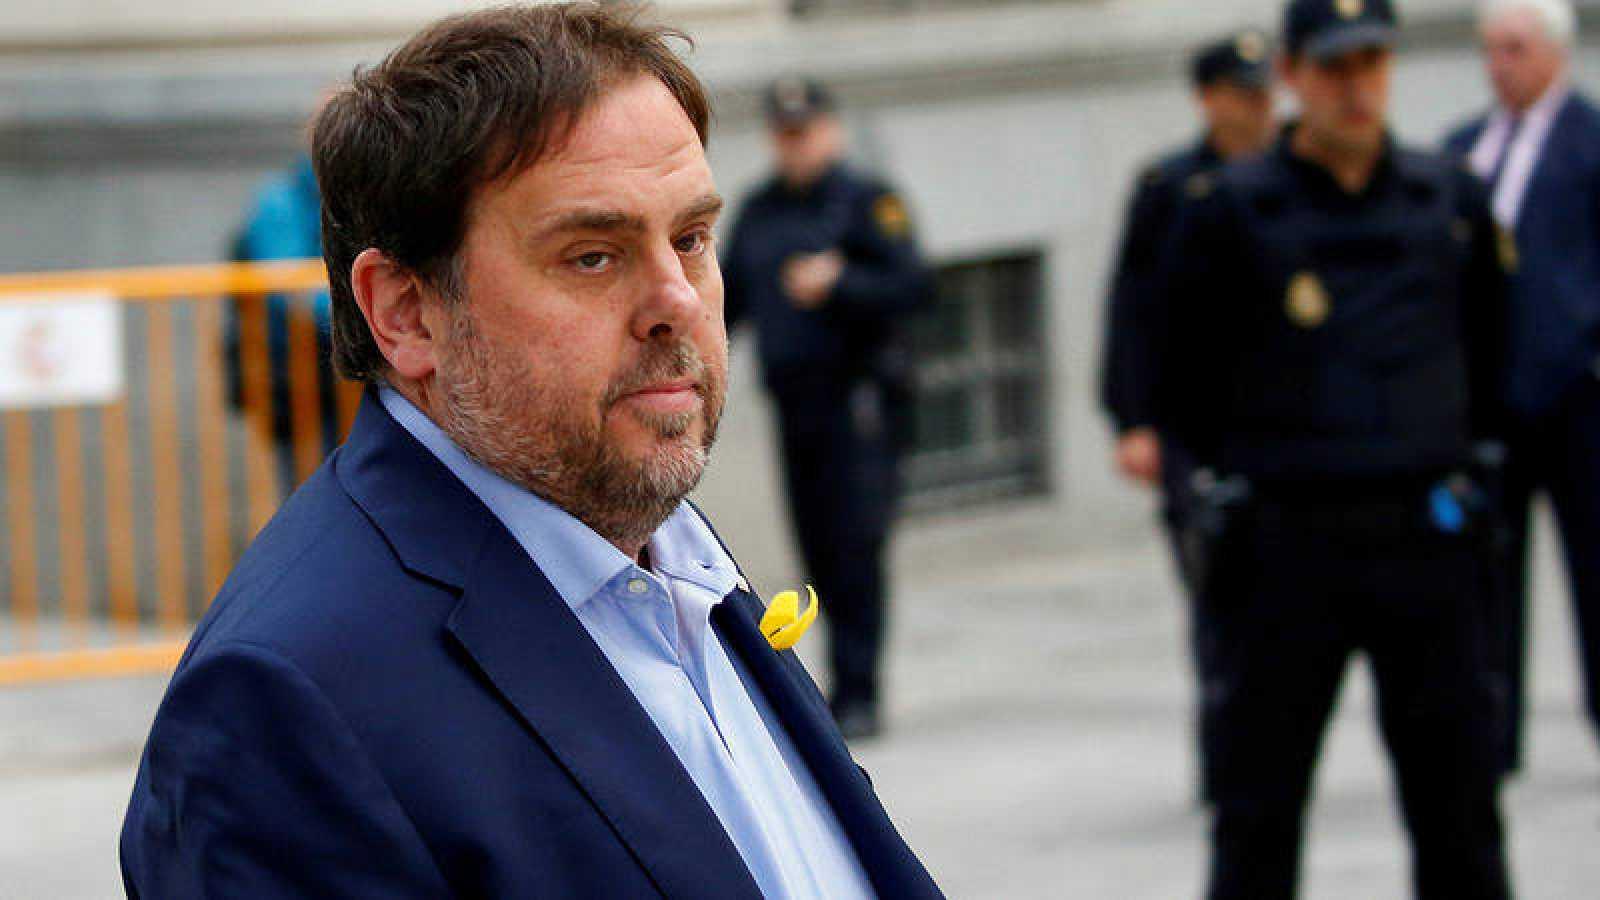 Oriol Junqueras está en prisión preventiva por su implicación en el sumario abierto por el procés hacia la declaración unilateral de independencia en Cataluña.